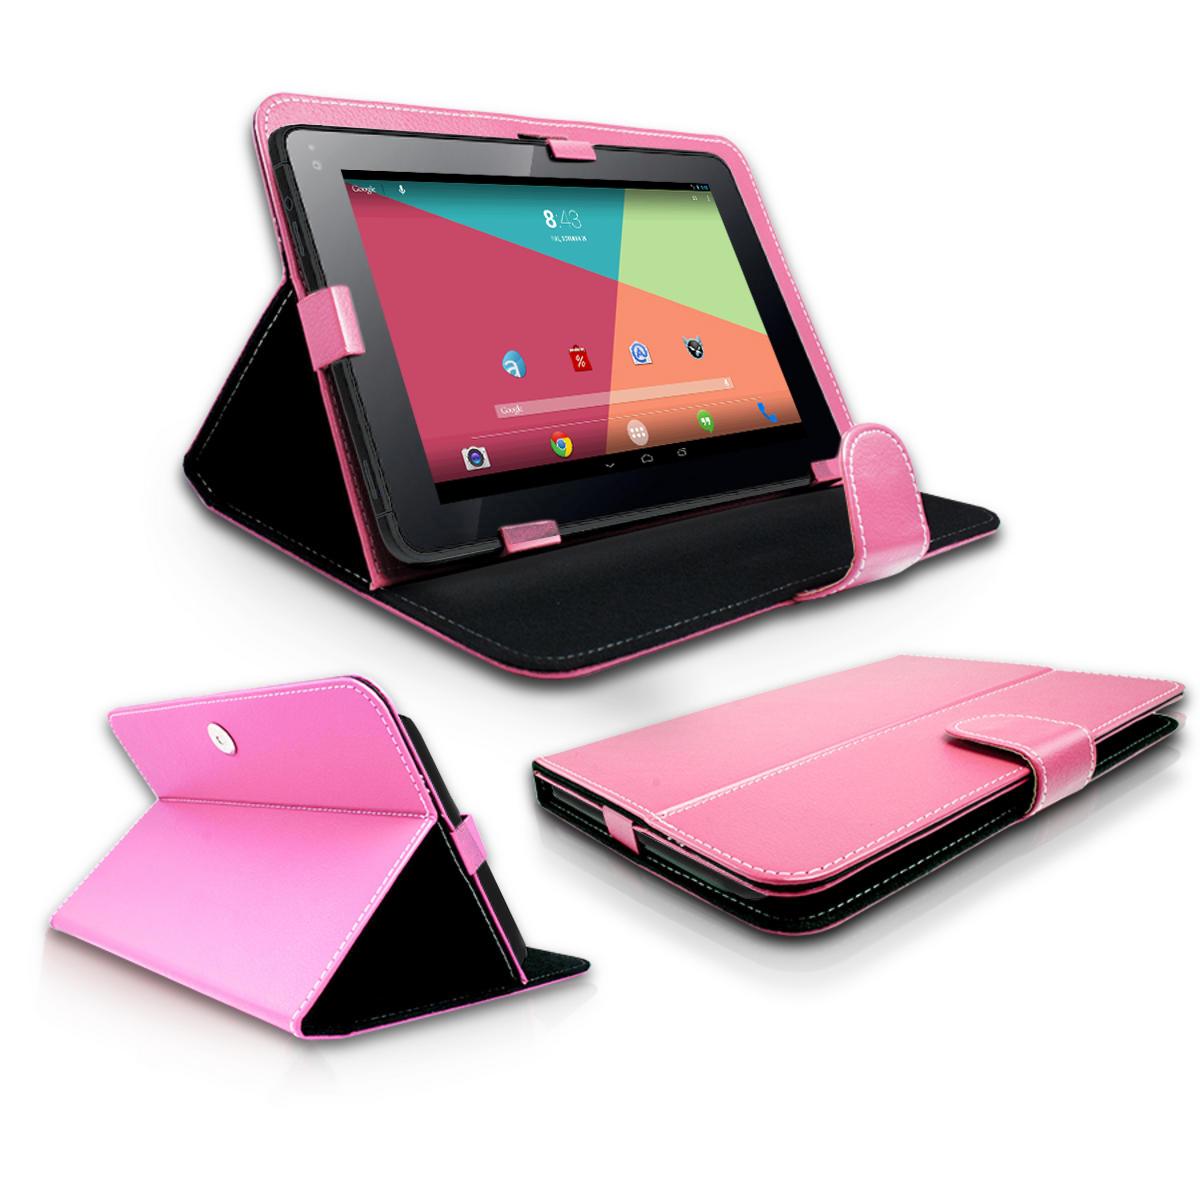 2tablet-pink-case1.jpg